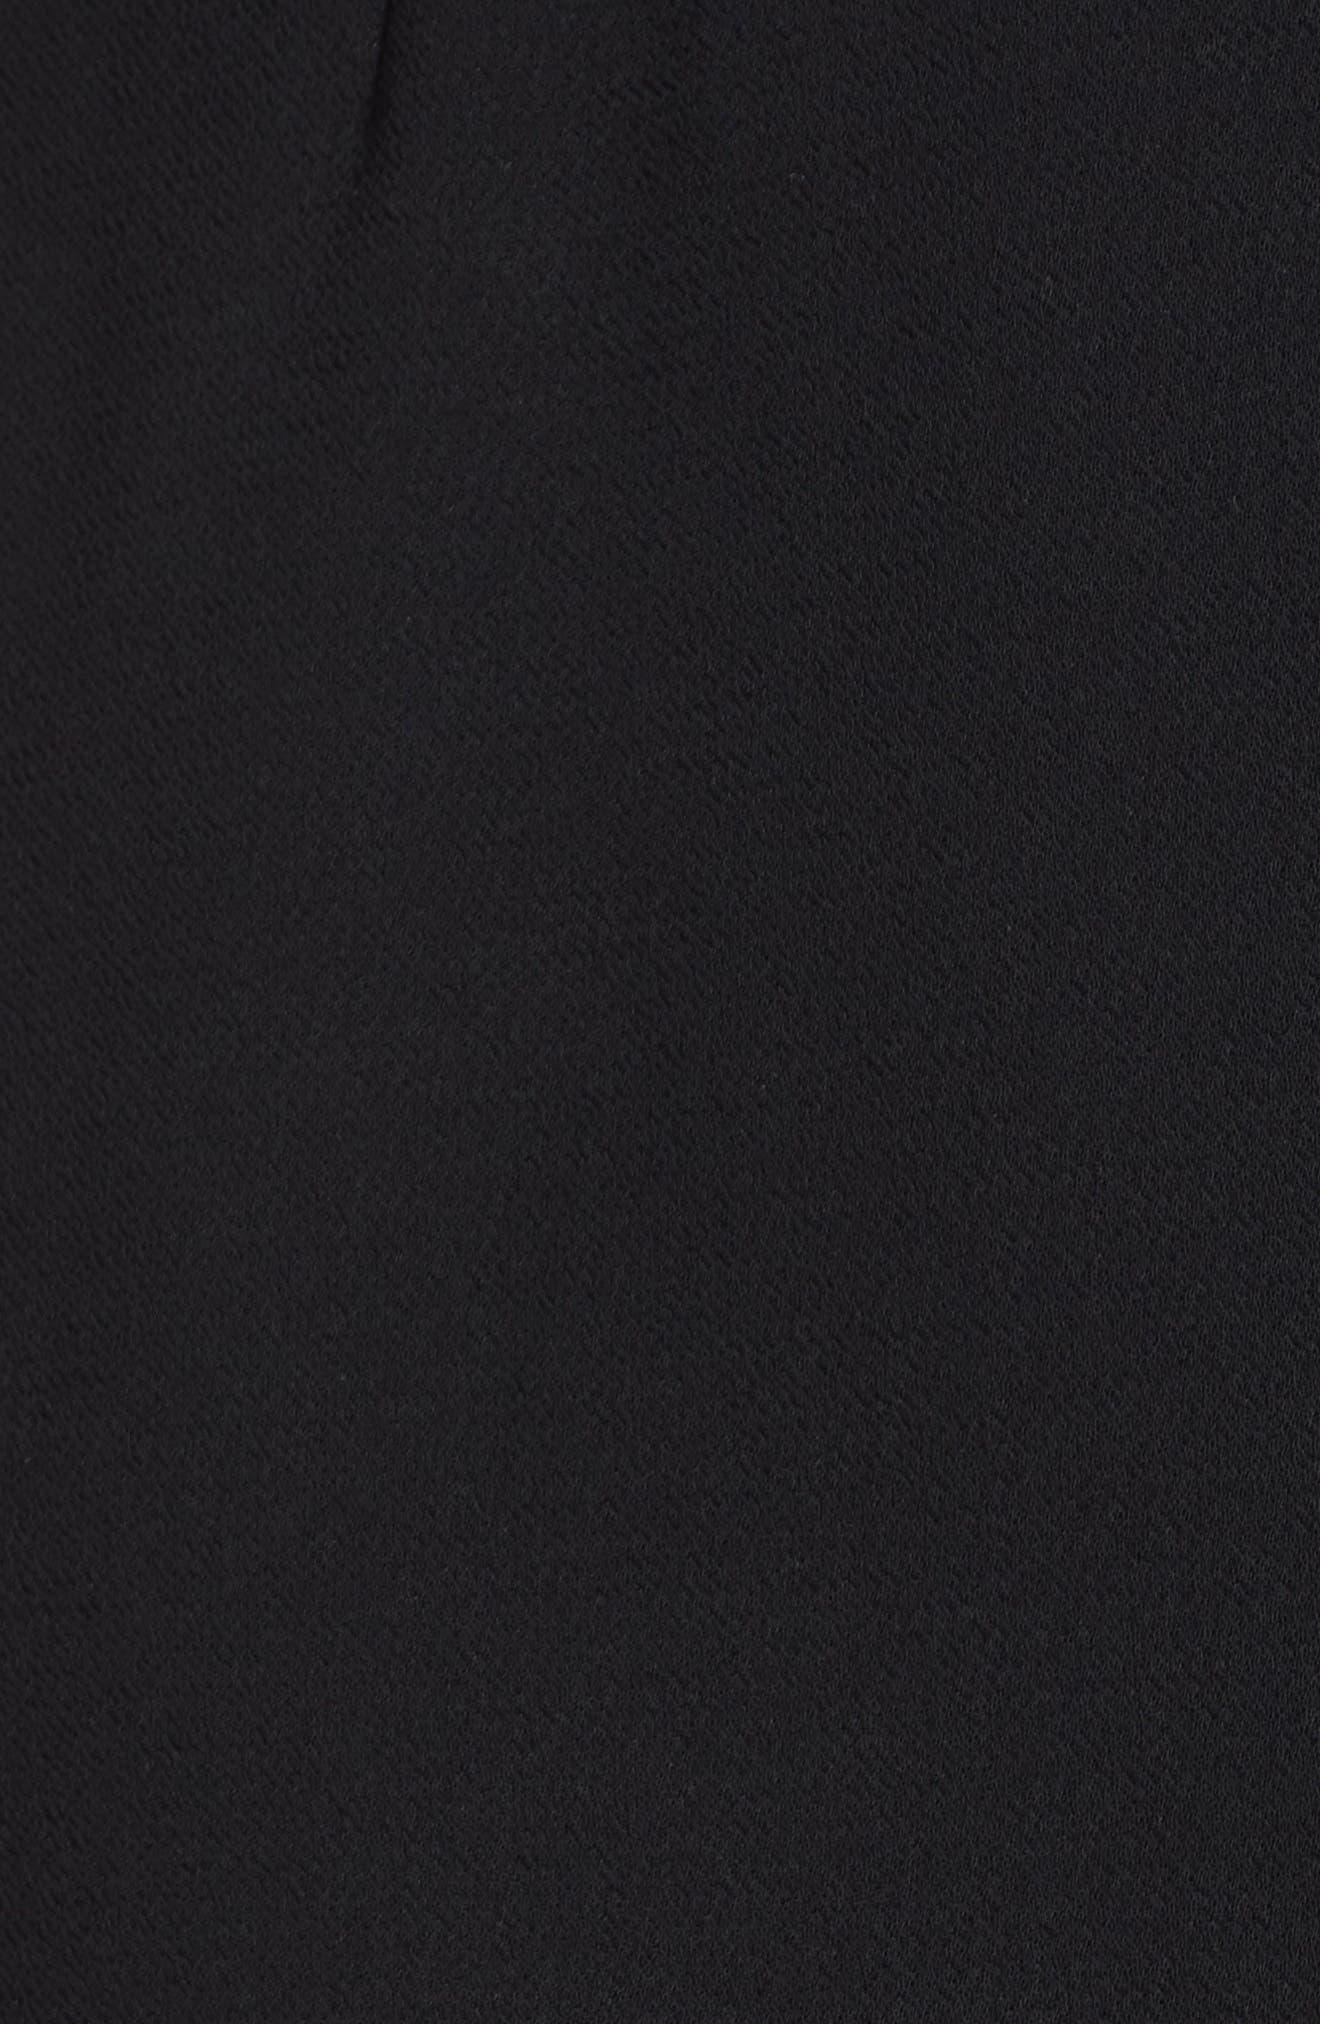 Tie Front Crepe Shift Dress,                             Alternate thumbnail 6, color,                             BLACK